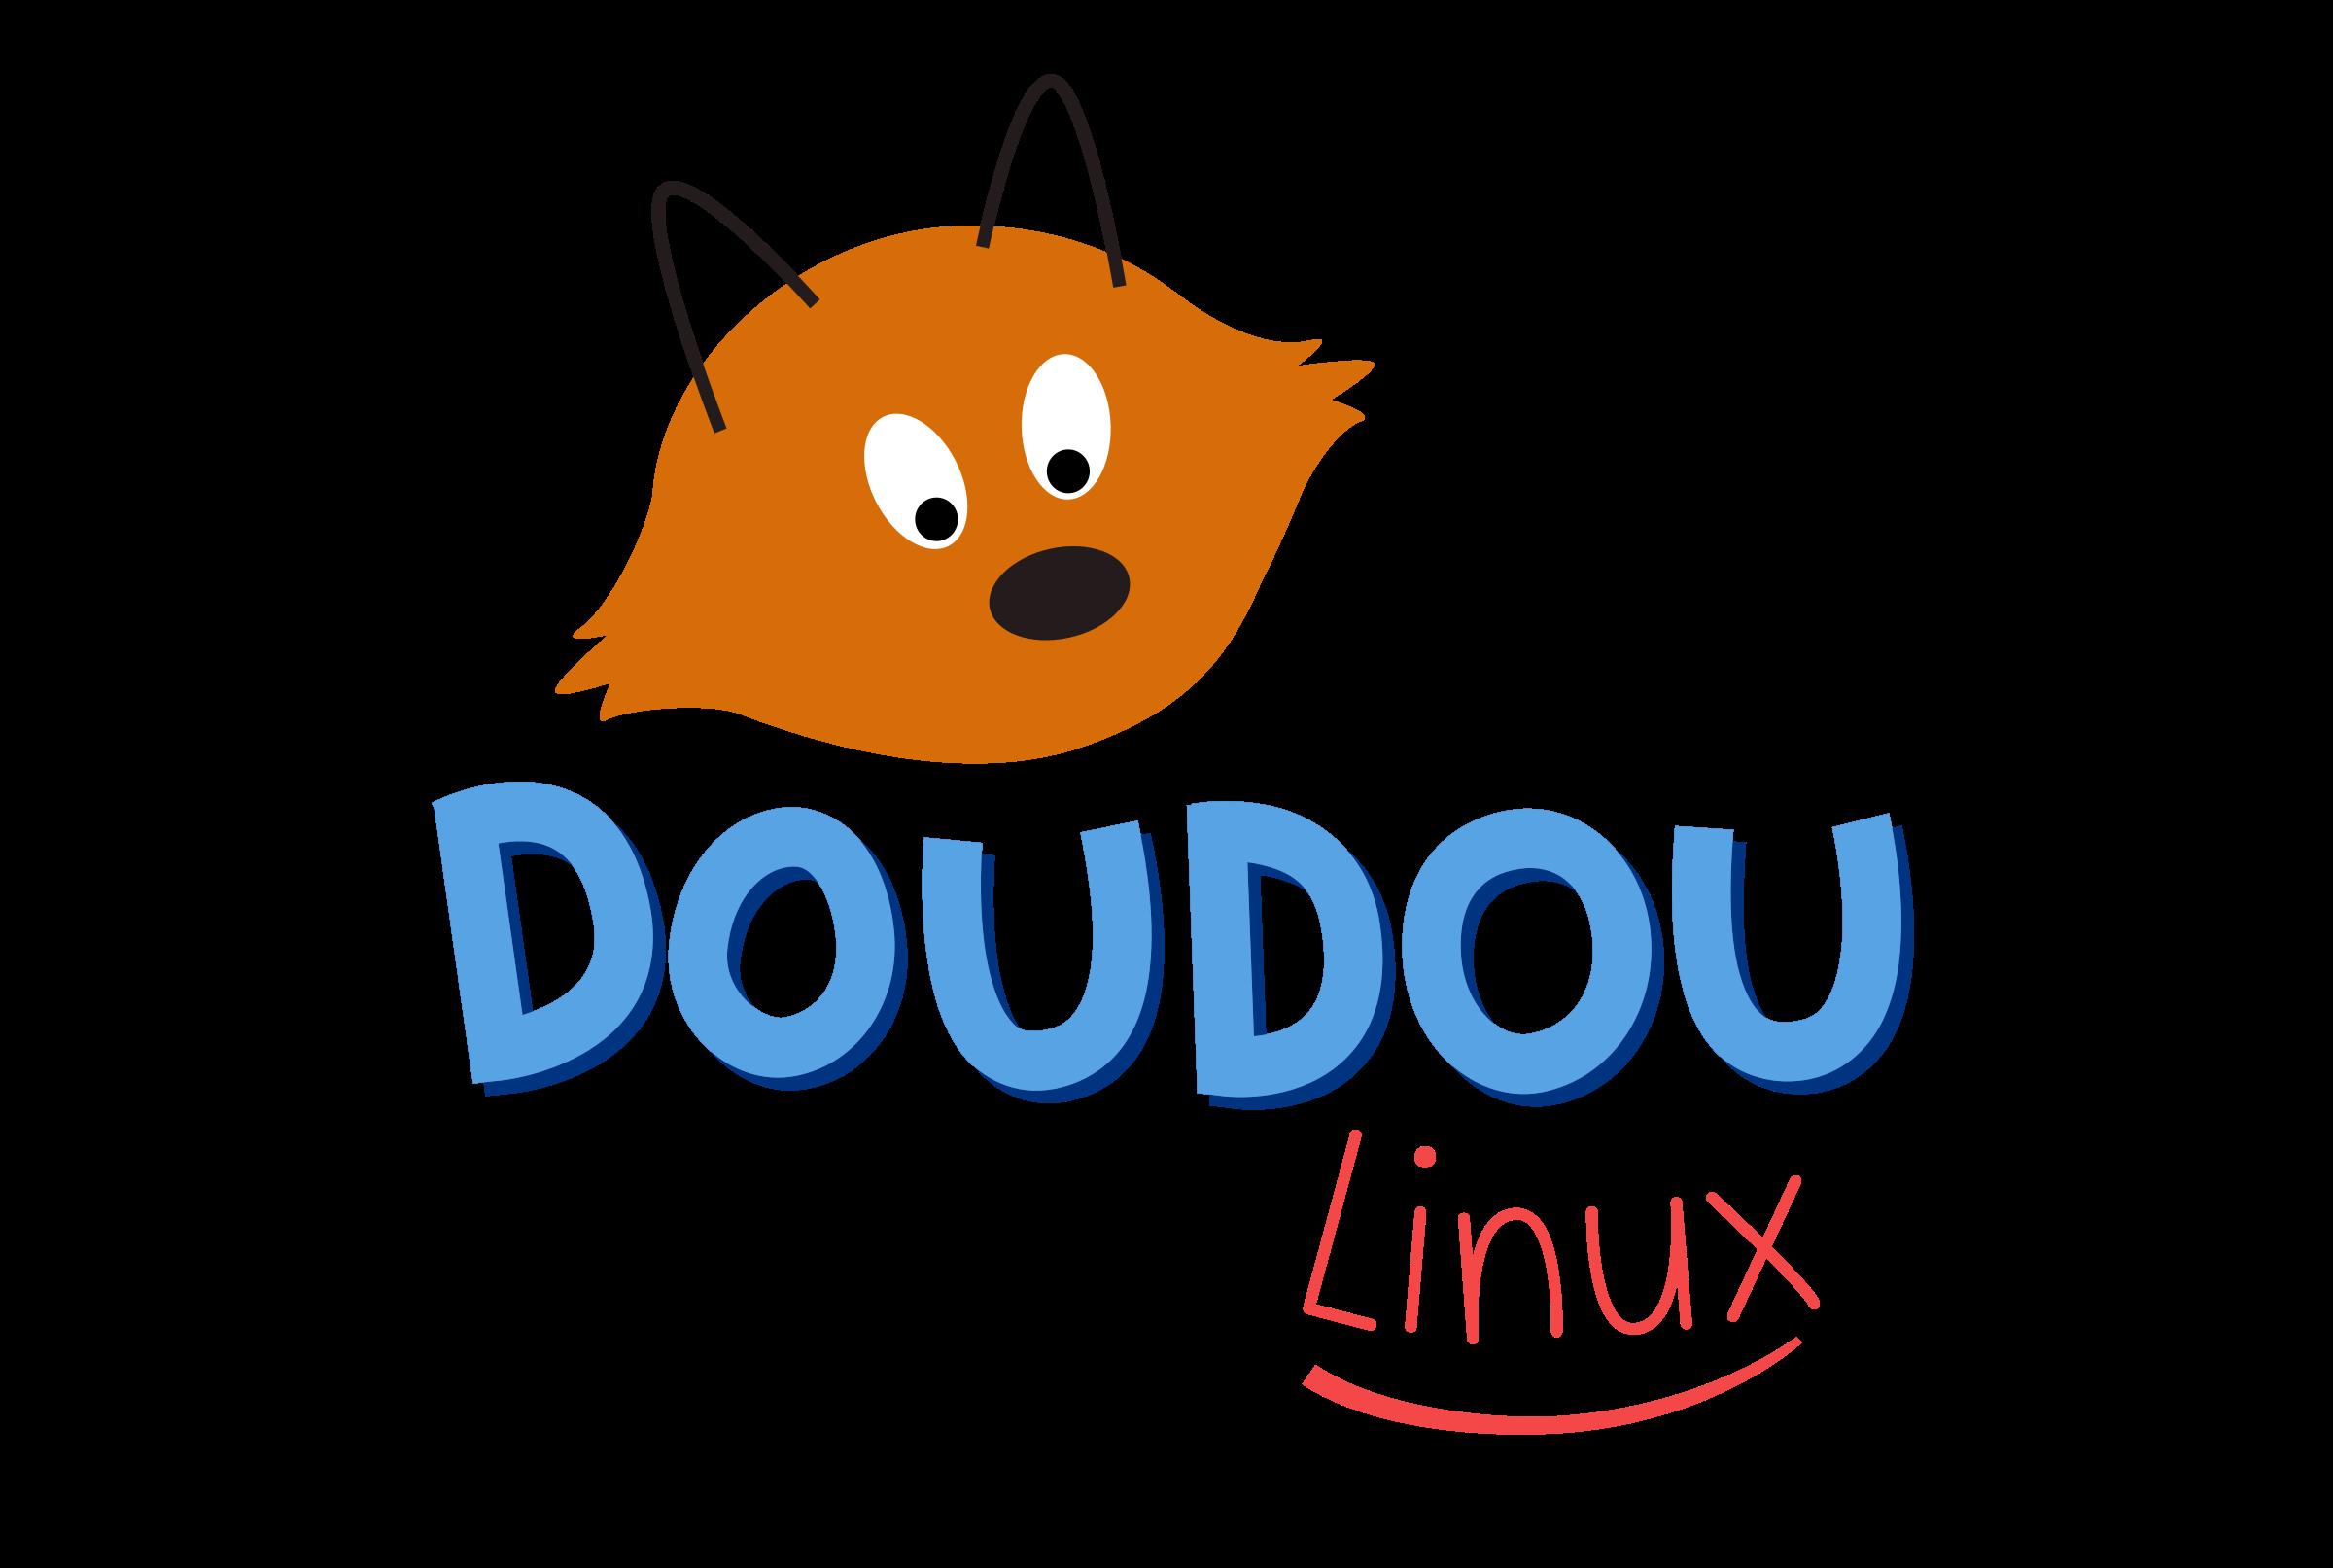 Doudou Linux